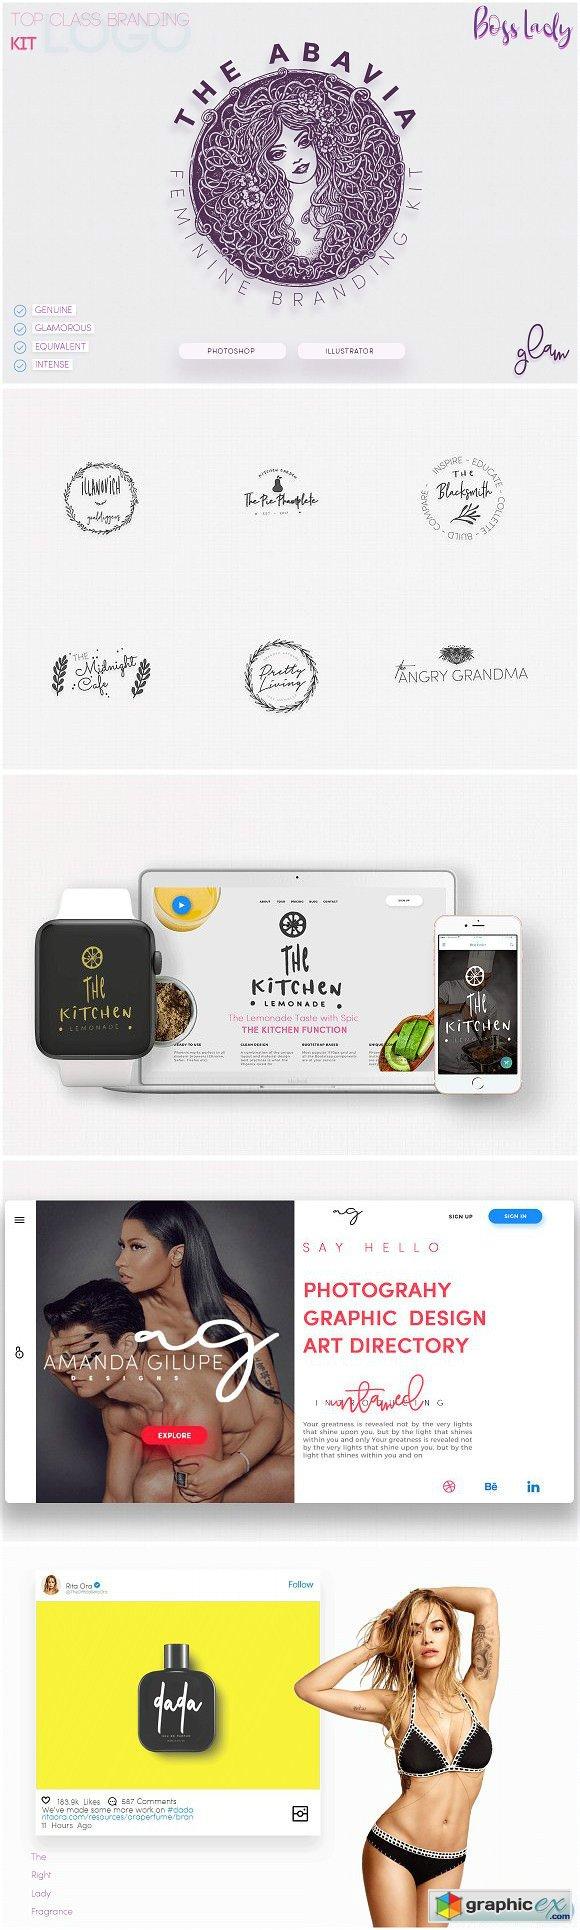 The Abavia feminine branding kit